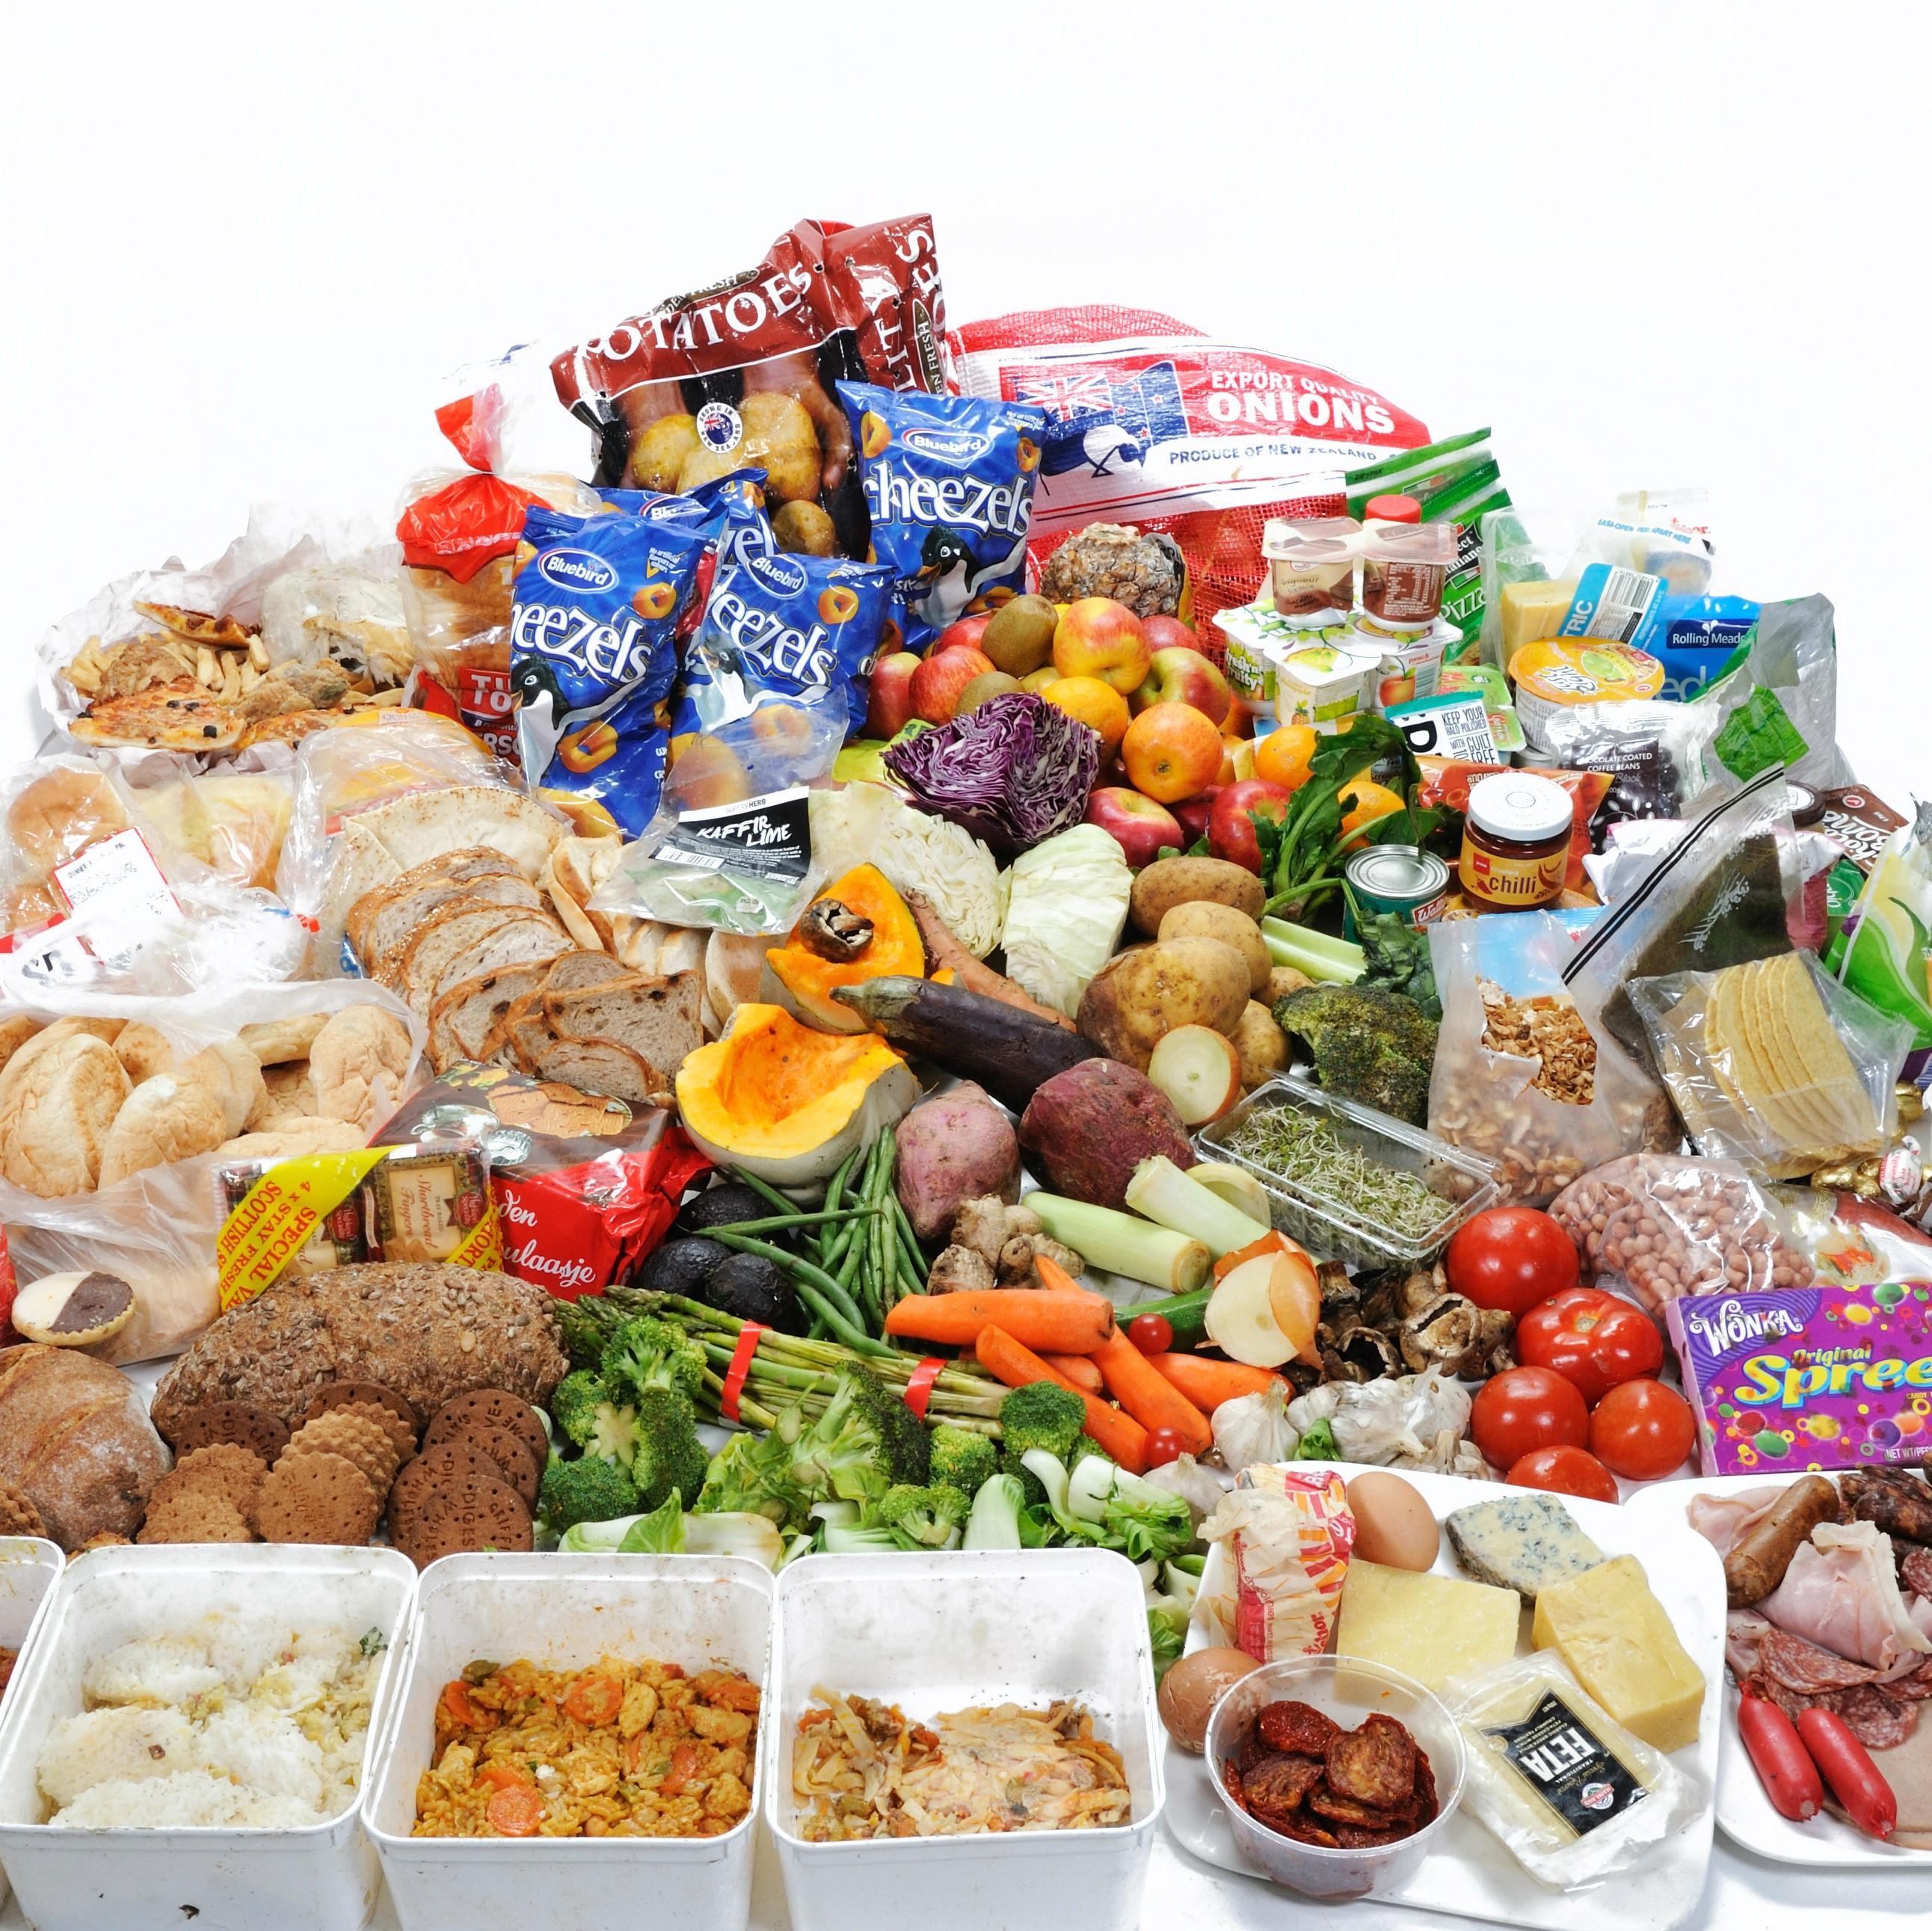 Gaspillage alimentaire : comment agir au quotidien? <br>